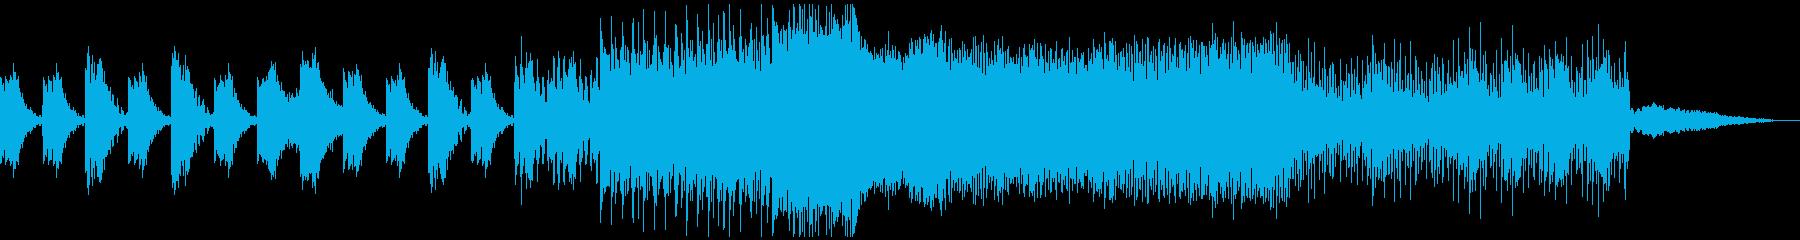 大作ホラー・ミステリ映画の予告編風BGMの再生済みの波形